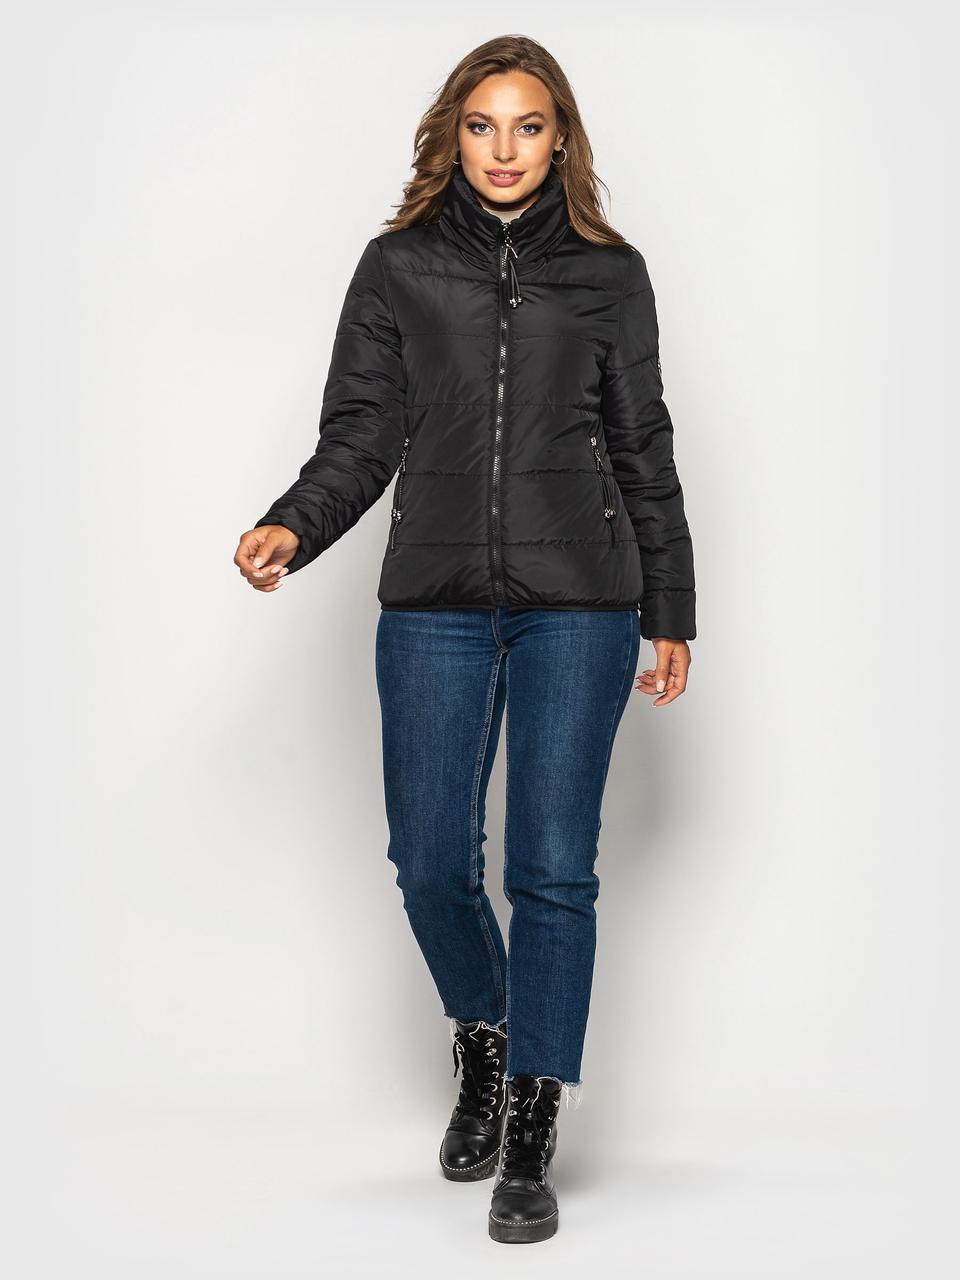 Демисезонная куртка Ирина черный(42-52)